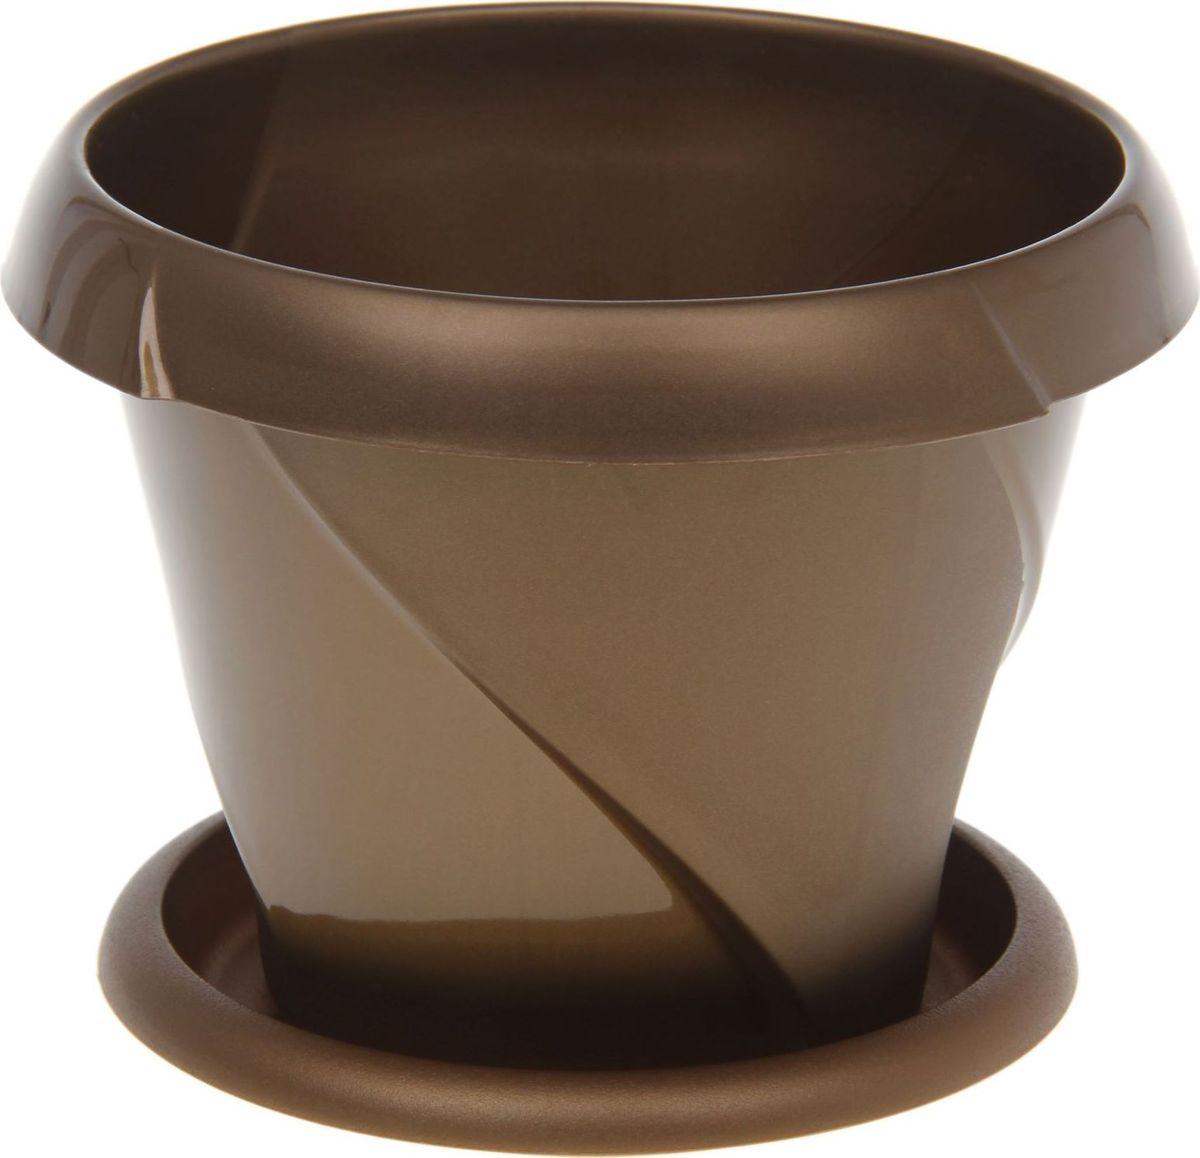 Кашпо Martika Флориана, с поддоном, цвет: золотистый, 0,3 л1407045Декоративное кашпо с поддоном, выполненное из высококачественного пластика, предназначено для посадки декоративных растений и станет прекрасным украшением для дома. Оригинальное кашпо украсит окружающее пространство и подчеркнет его оригинальный стиль.